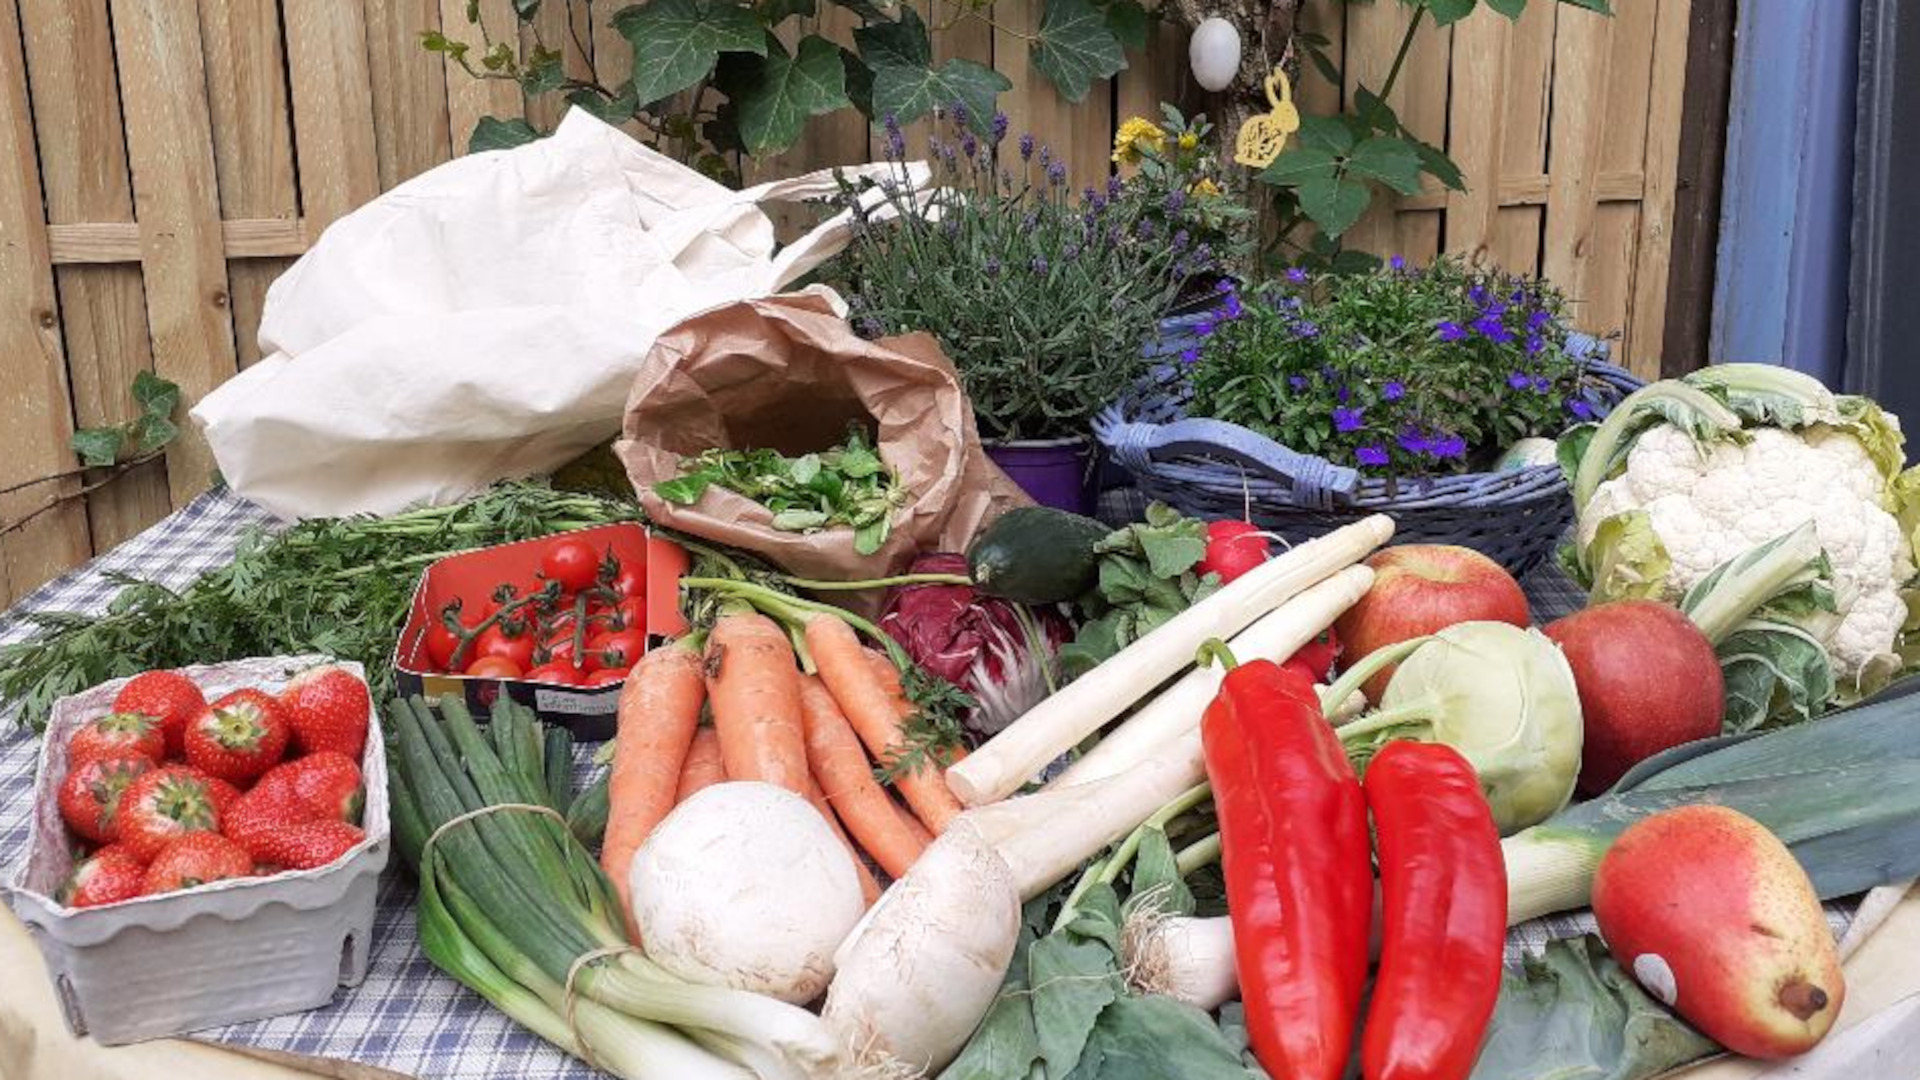 Obst und Gemüse aus der Region